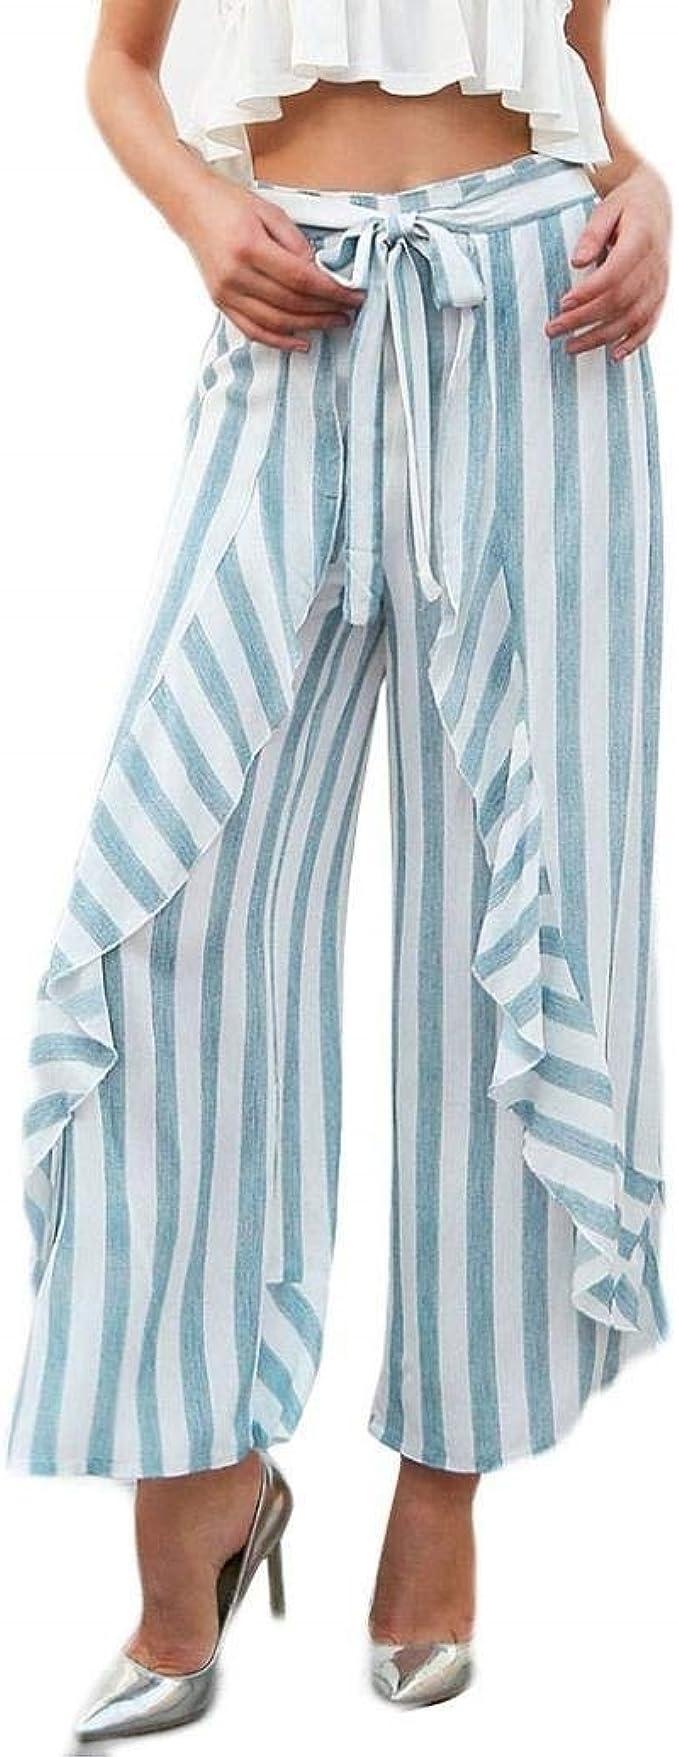 Battercake Falda Pantalon Mujer Largo Verano Elegante Flecos ...